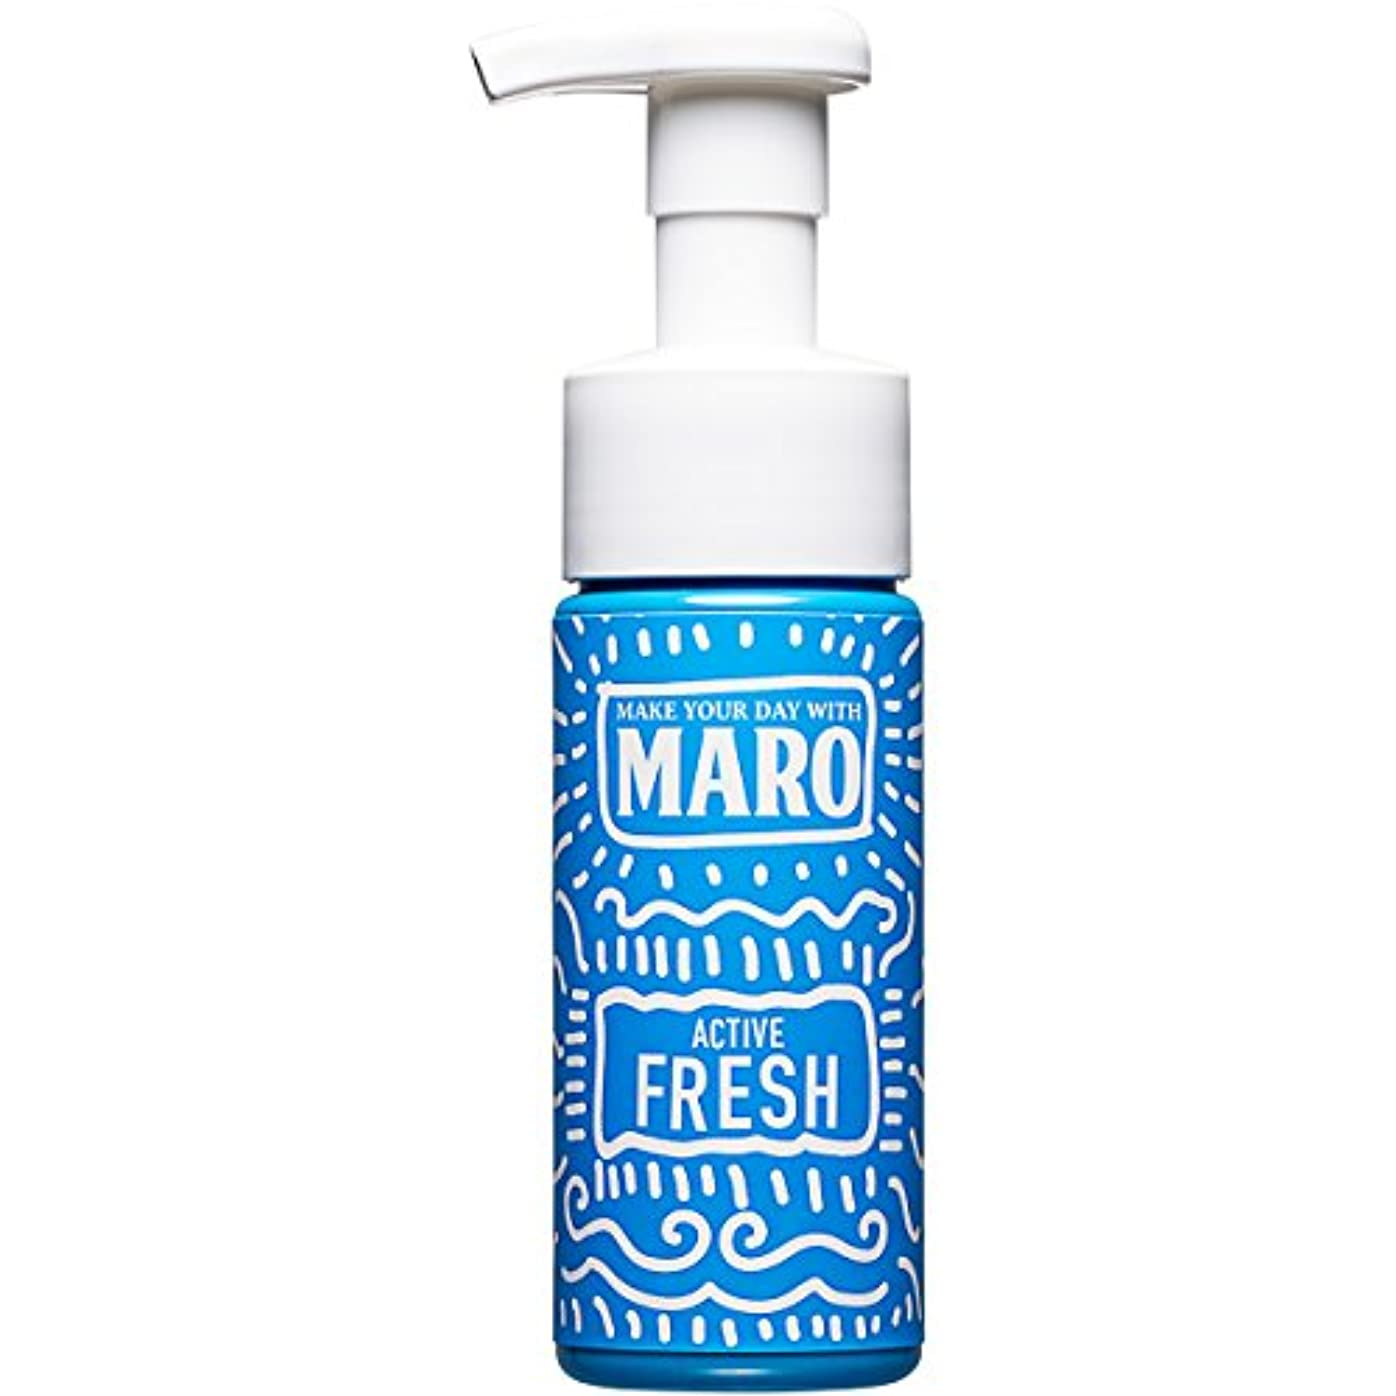 フルーツ野菜風刺つまずくMARO グルーヴィー 泡洗顔 アクティブフレッシュ 150ml